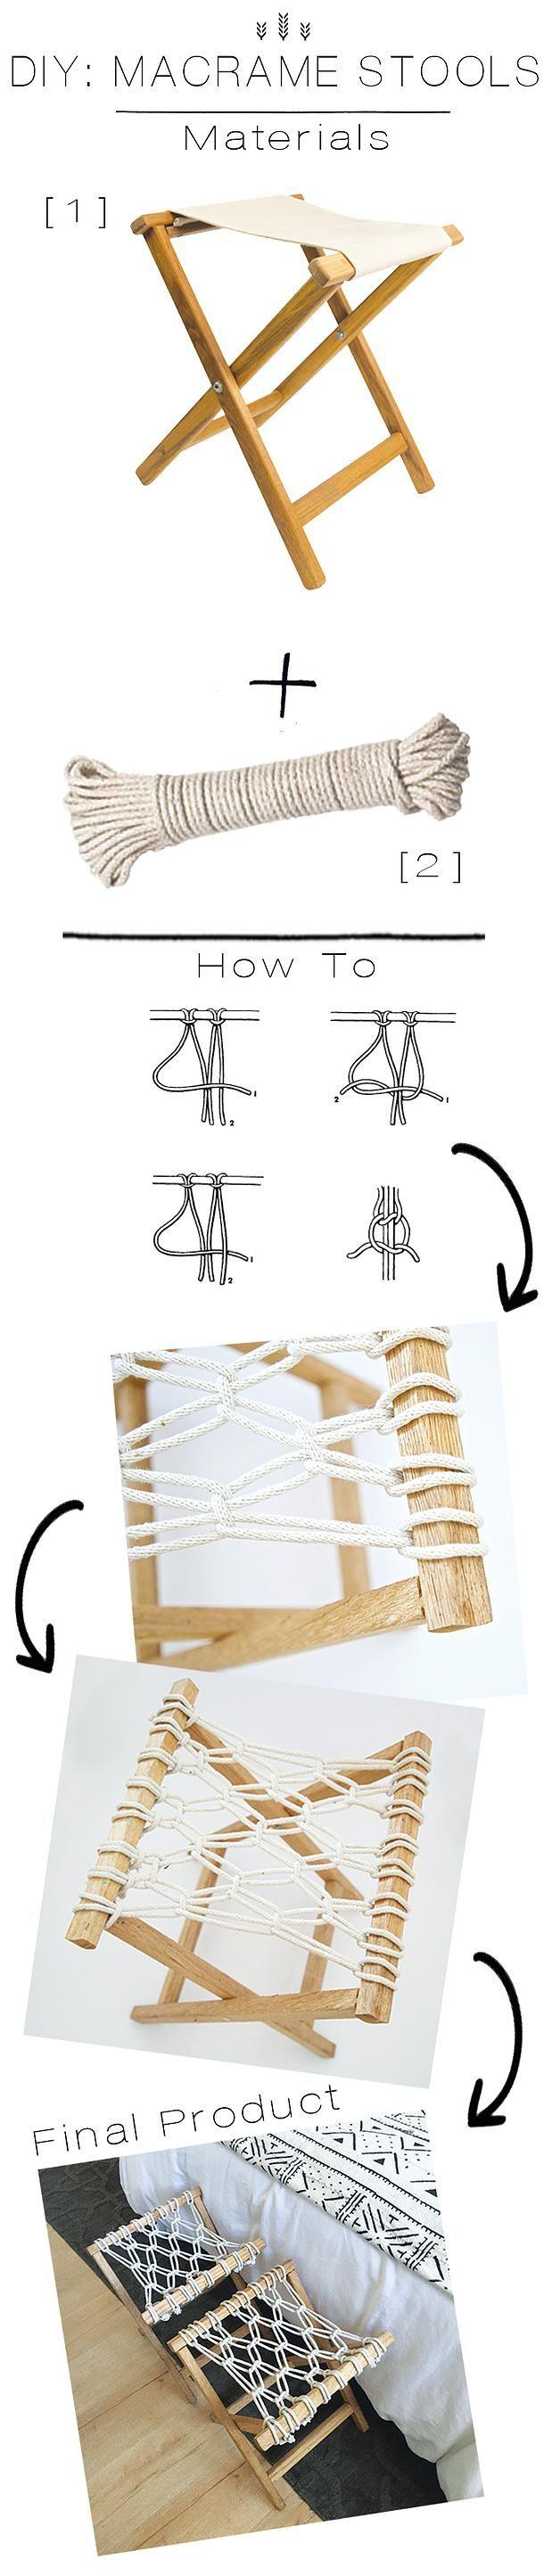 JDP Interiors | DIY: Macrame Stools